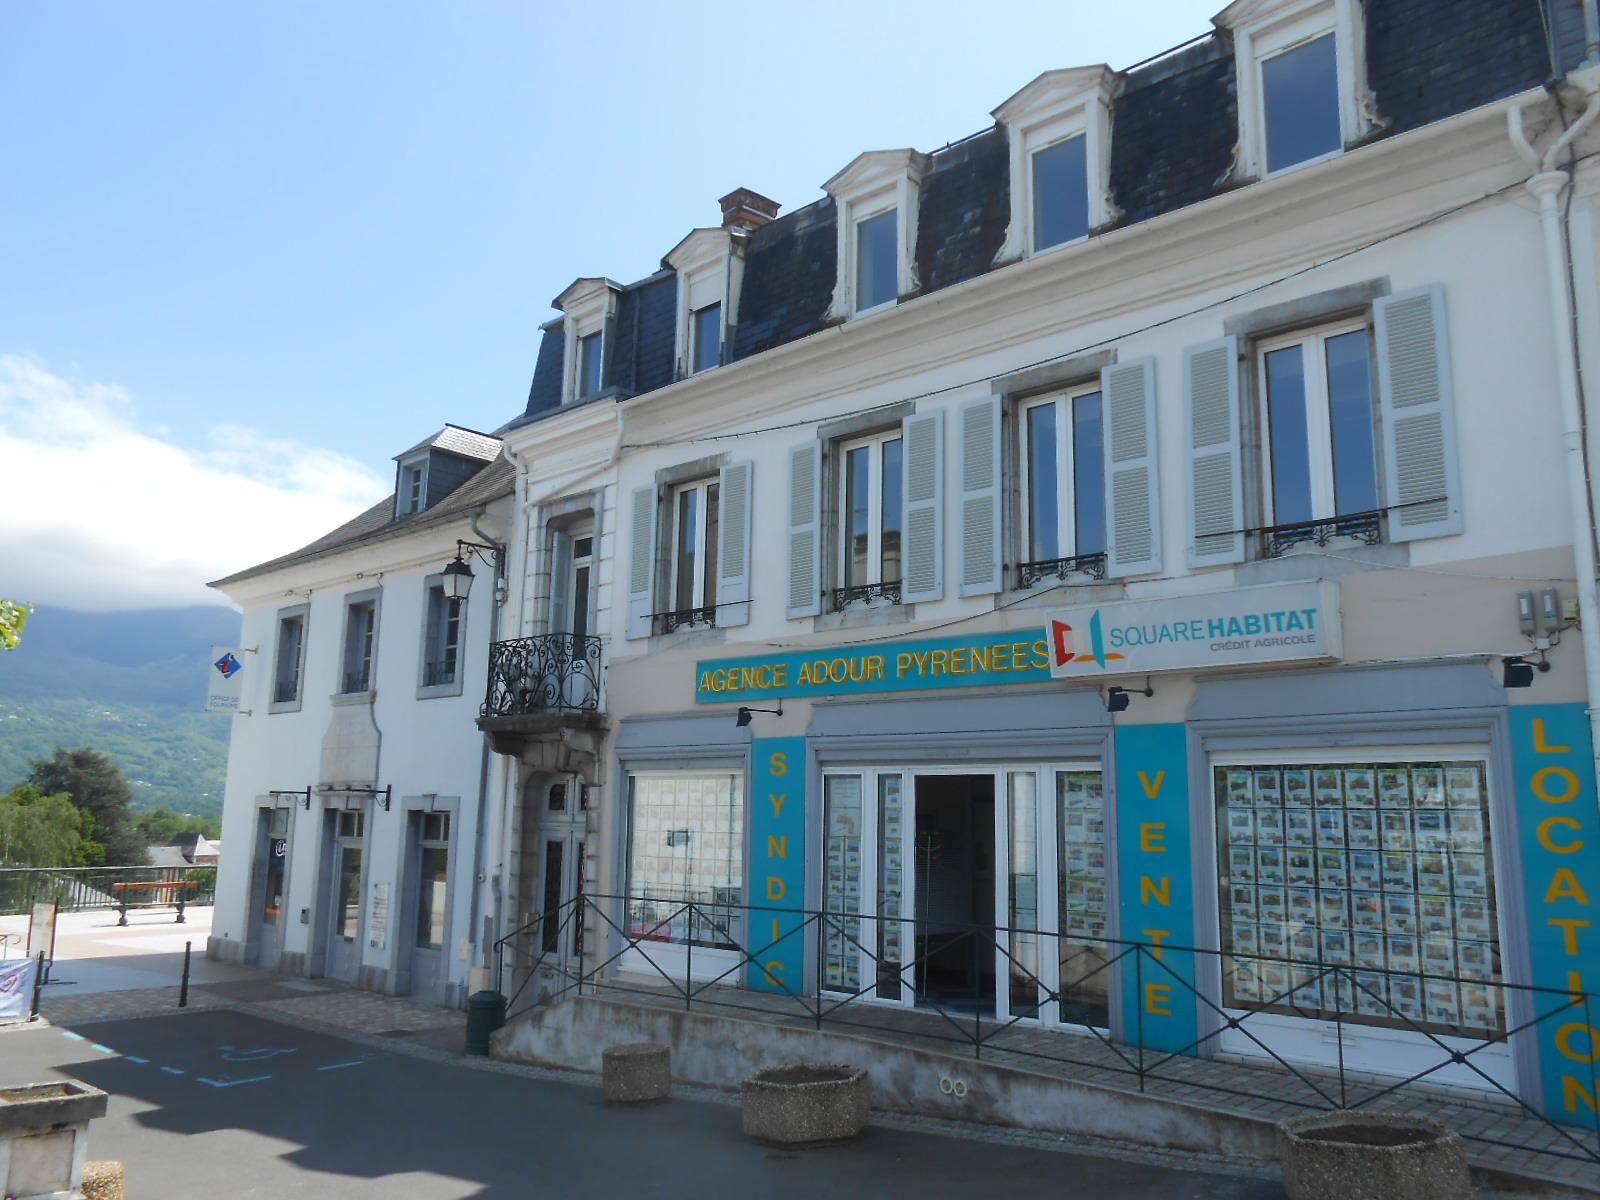 SquareHabitat agence immobilière Argelès-Gazost 65400